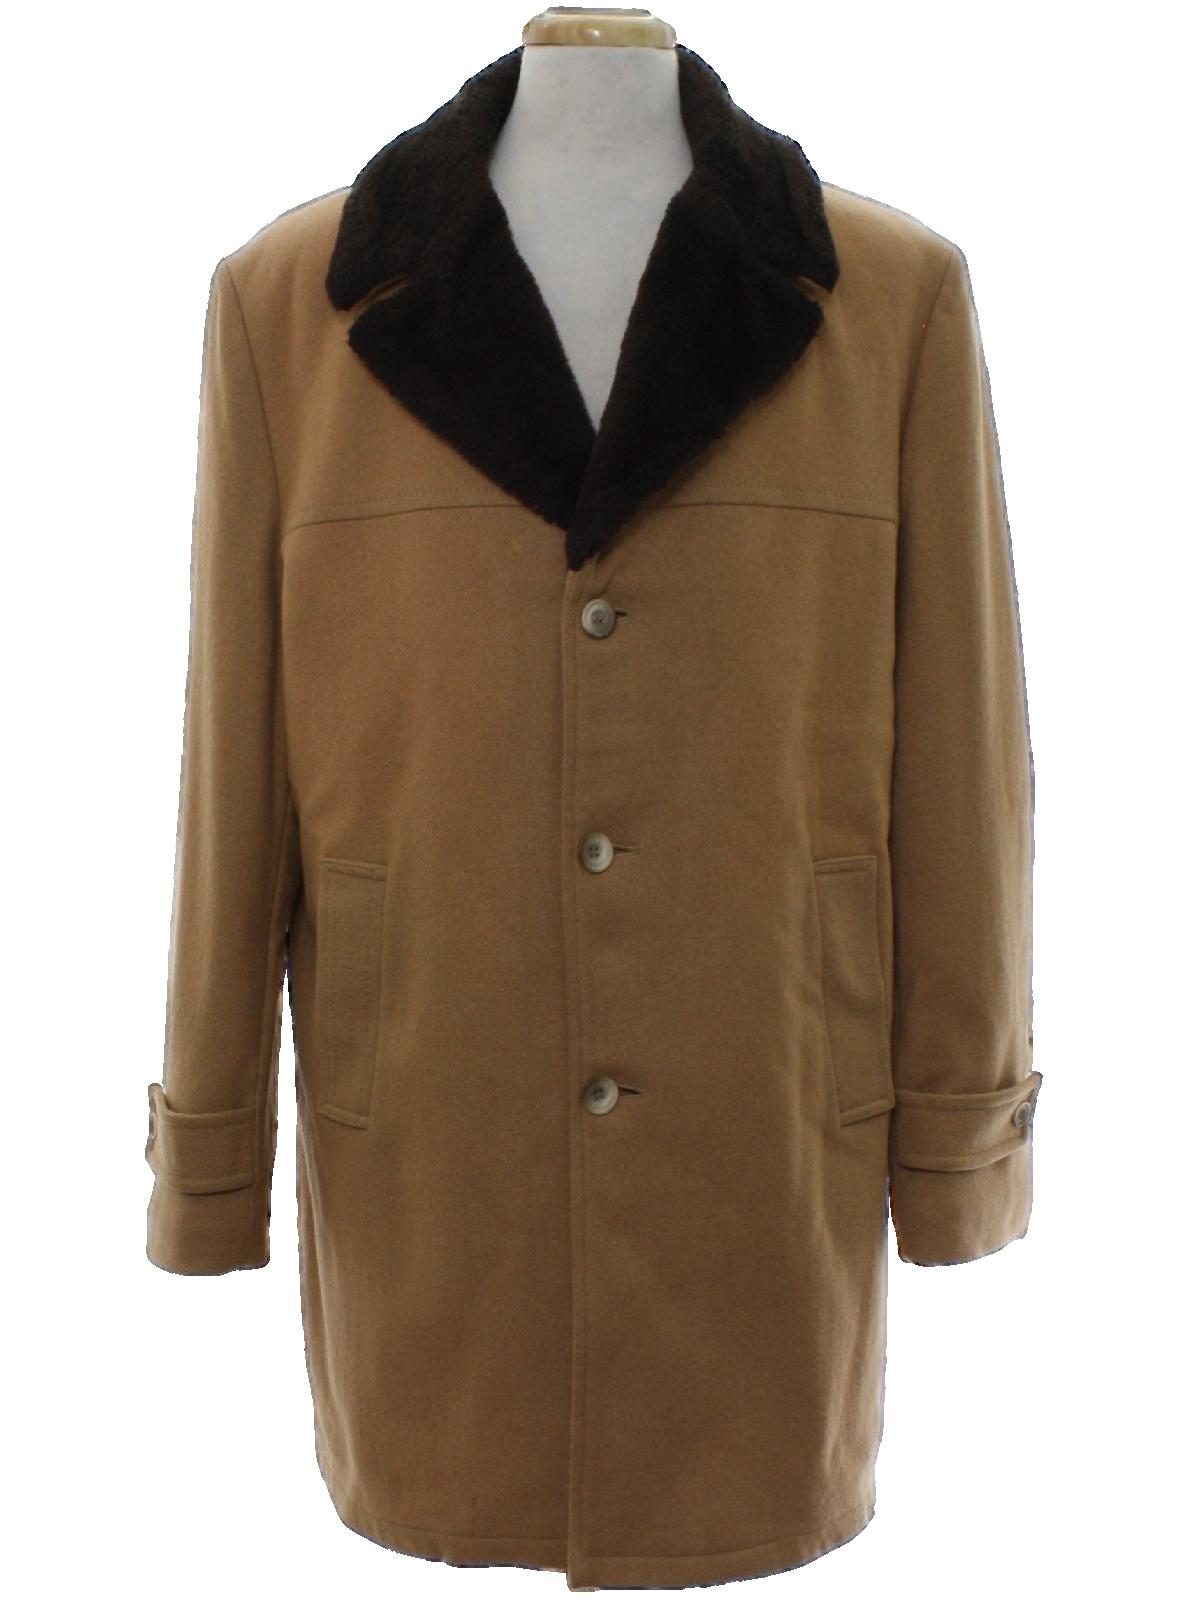 Mens Vintage Car Coats at RustyZipper.Com Vintage Clothing